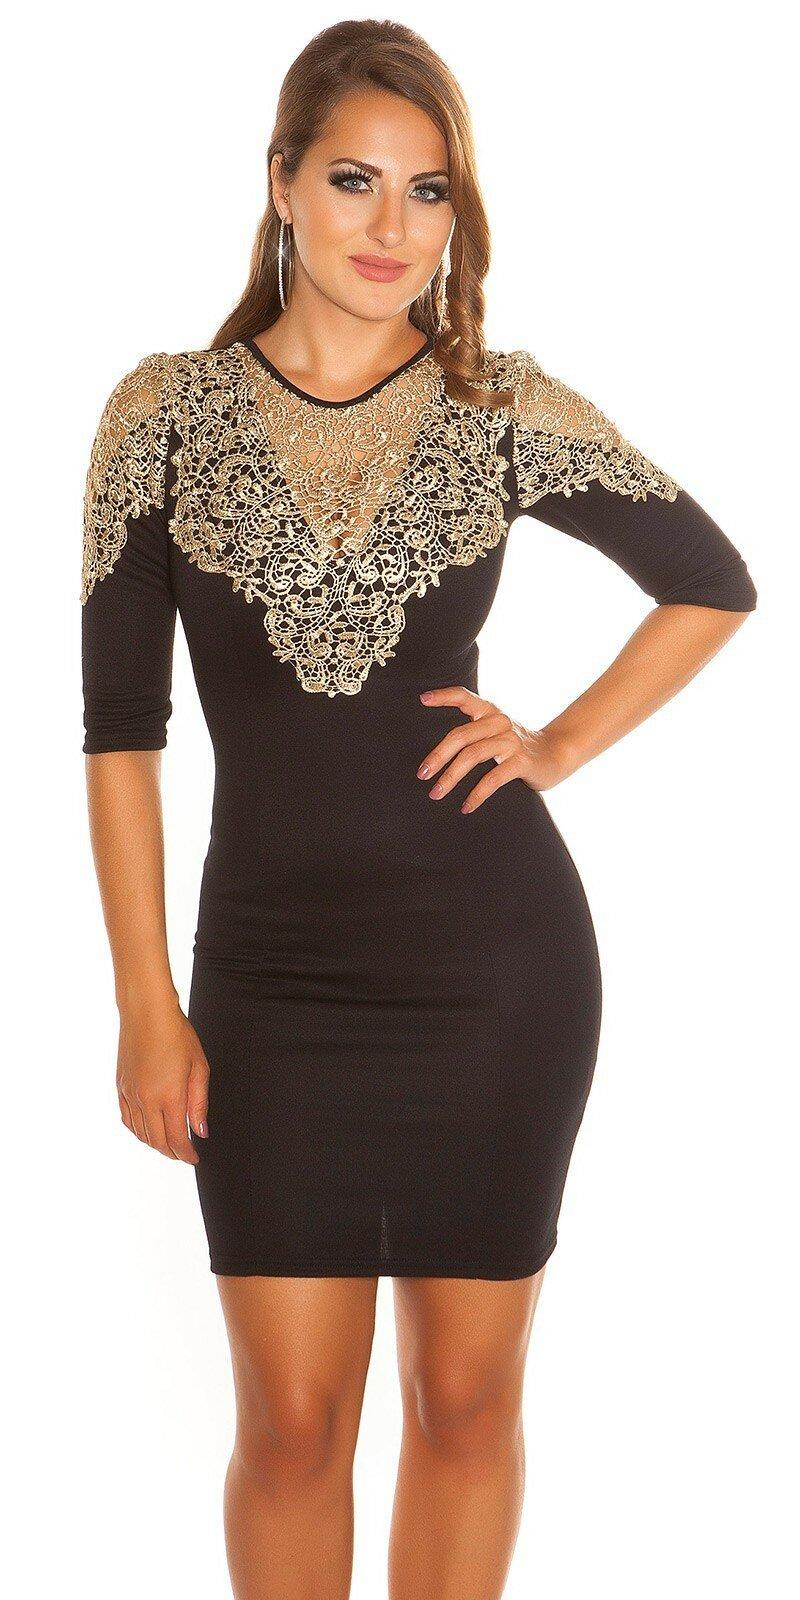 cb60eeaf0 Dámske Štýlové šaty so zlatou čipkou #Veľkosť S Farba Čierna